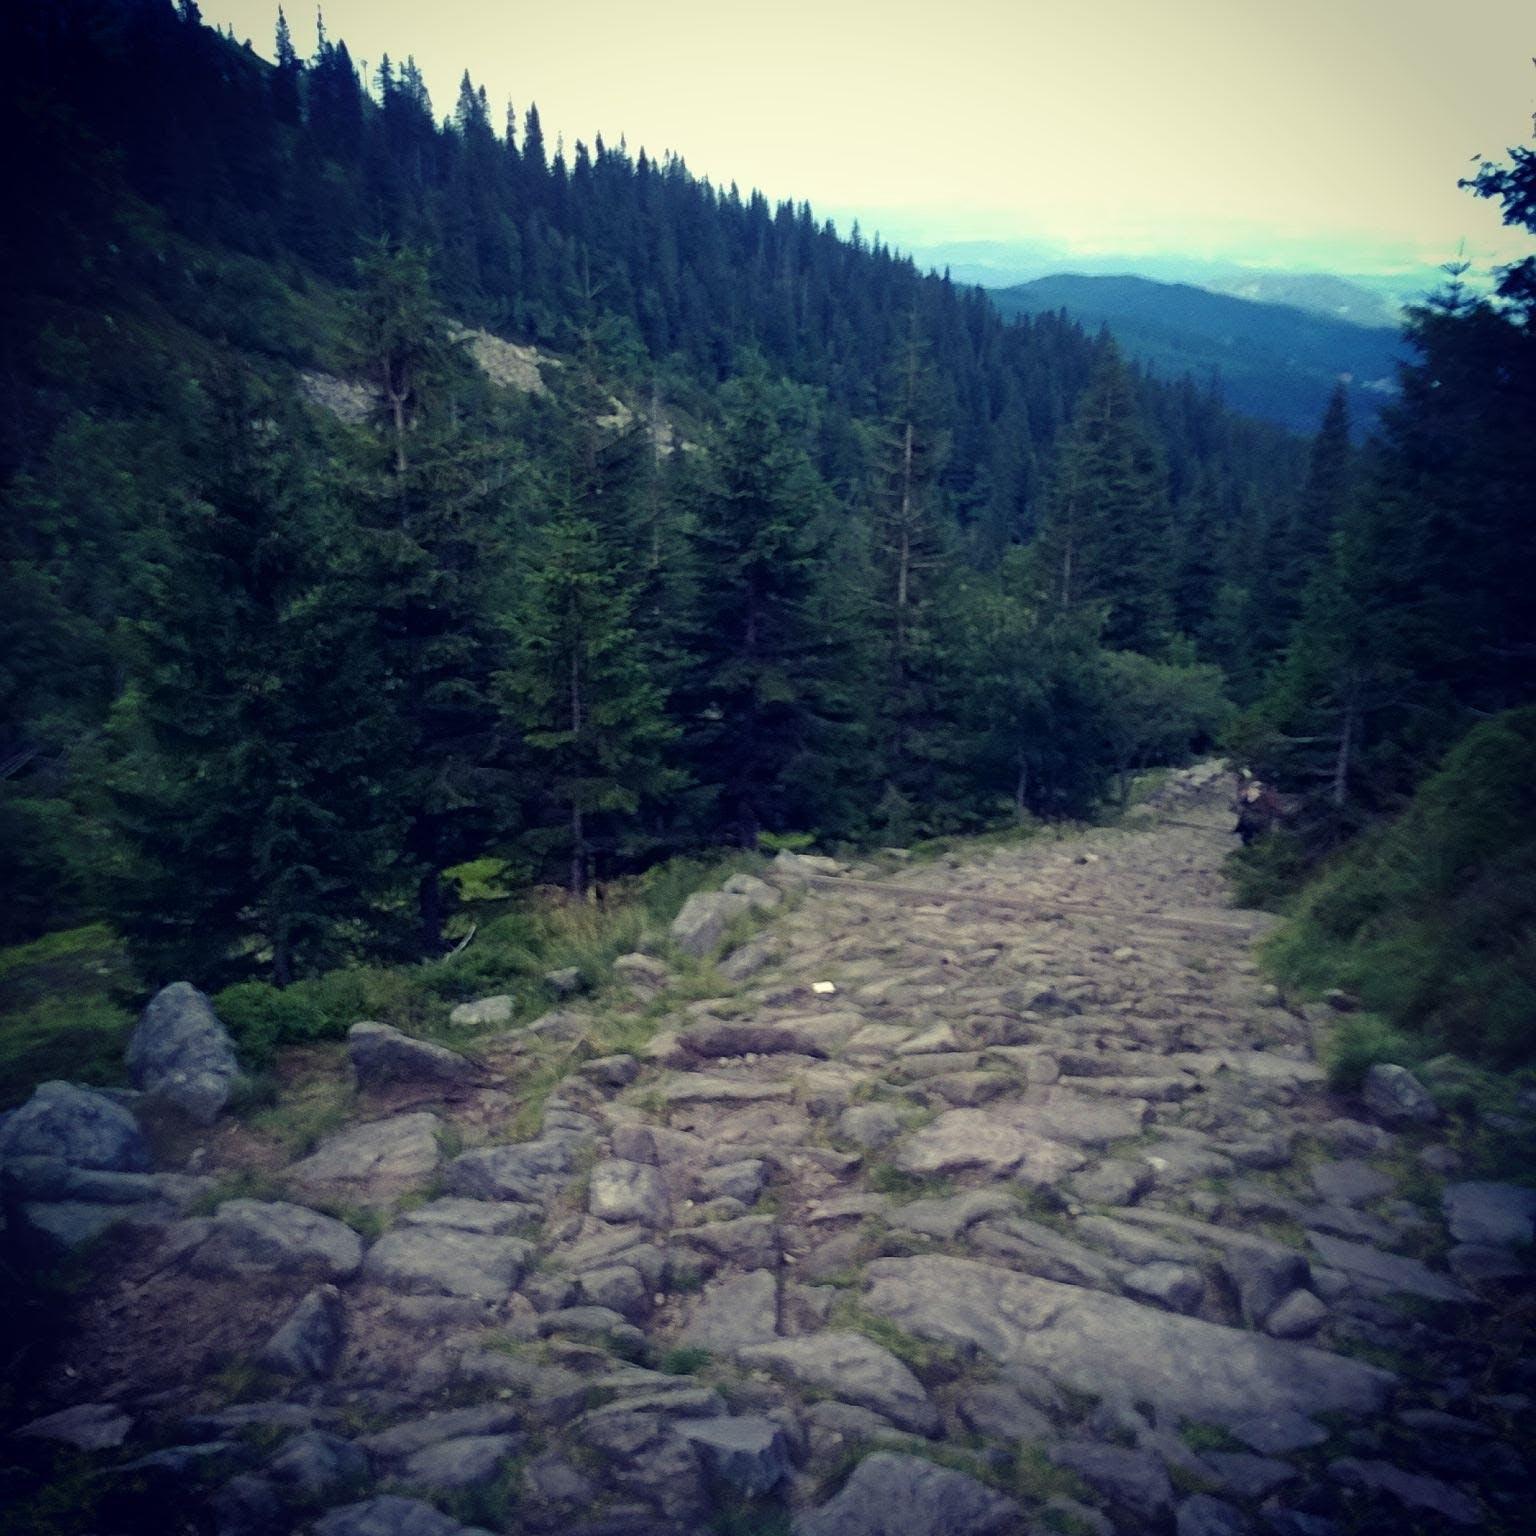 Free stock photo of mountain, rocks, trail